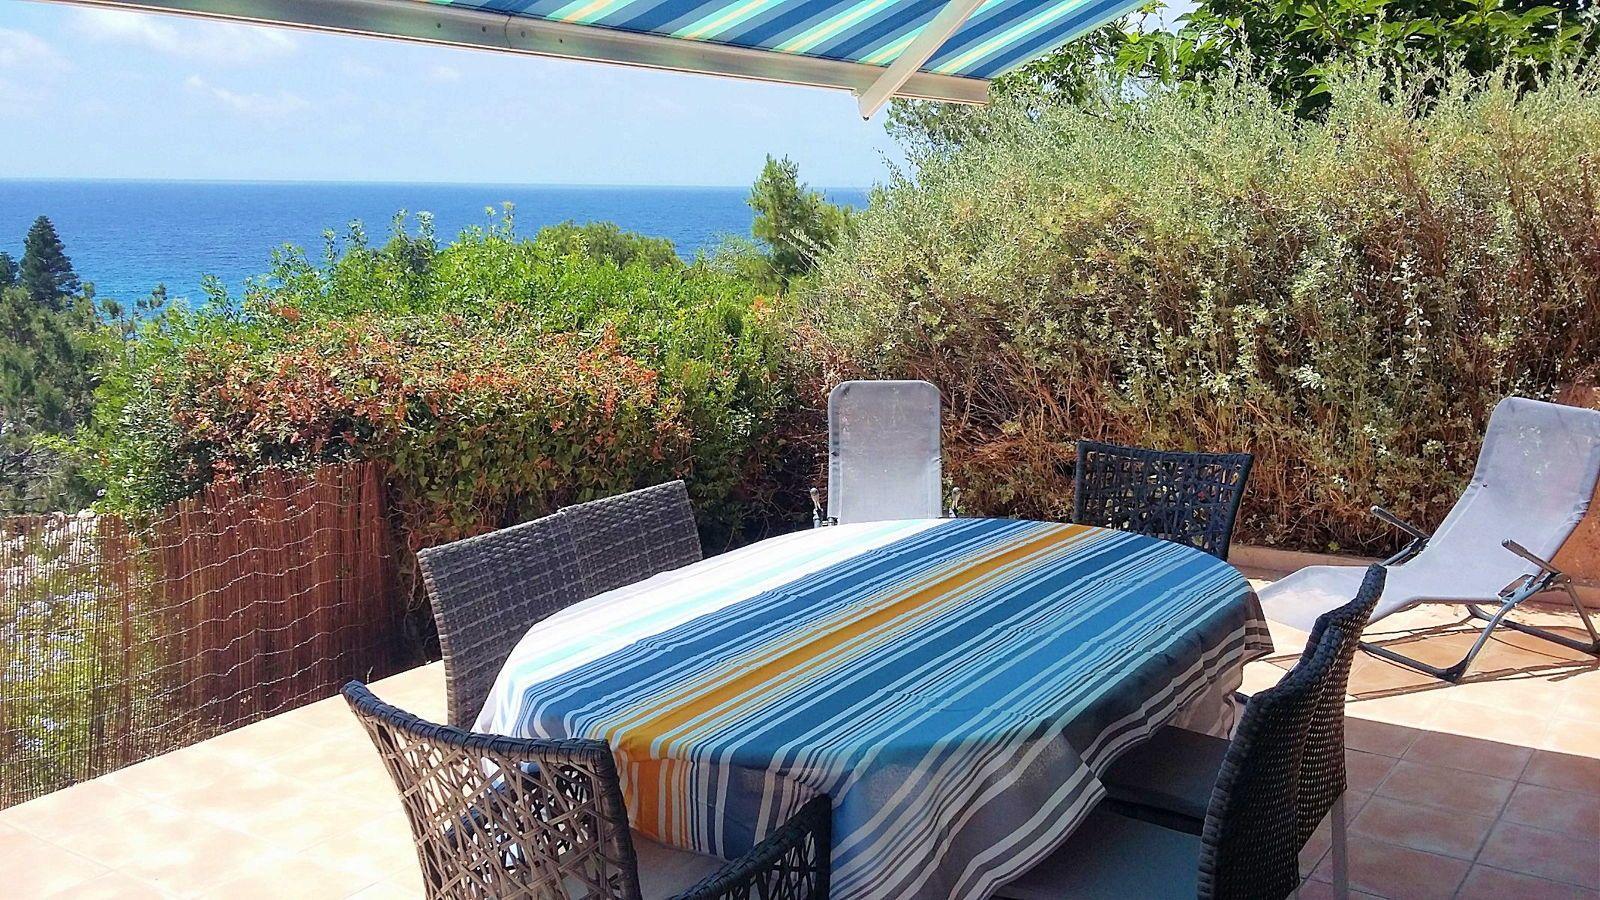 Loue maison de charme à Sagone, Corse du Sud - 6couchages